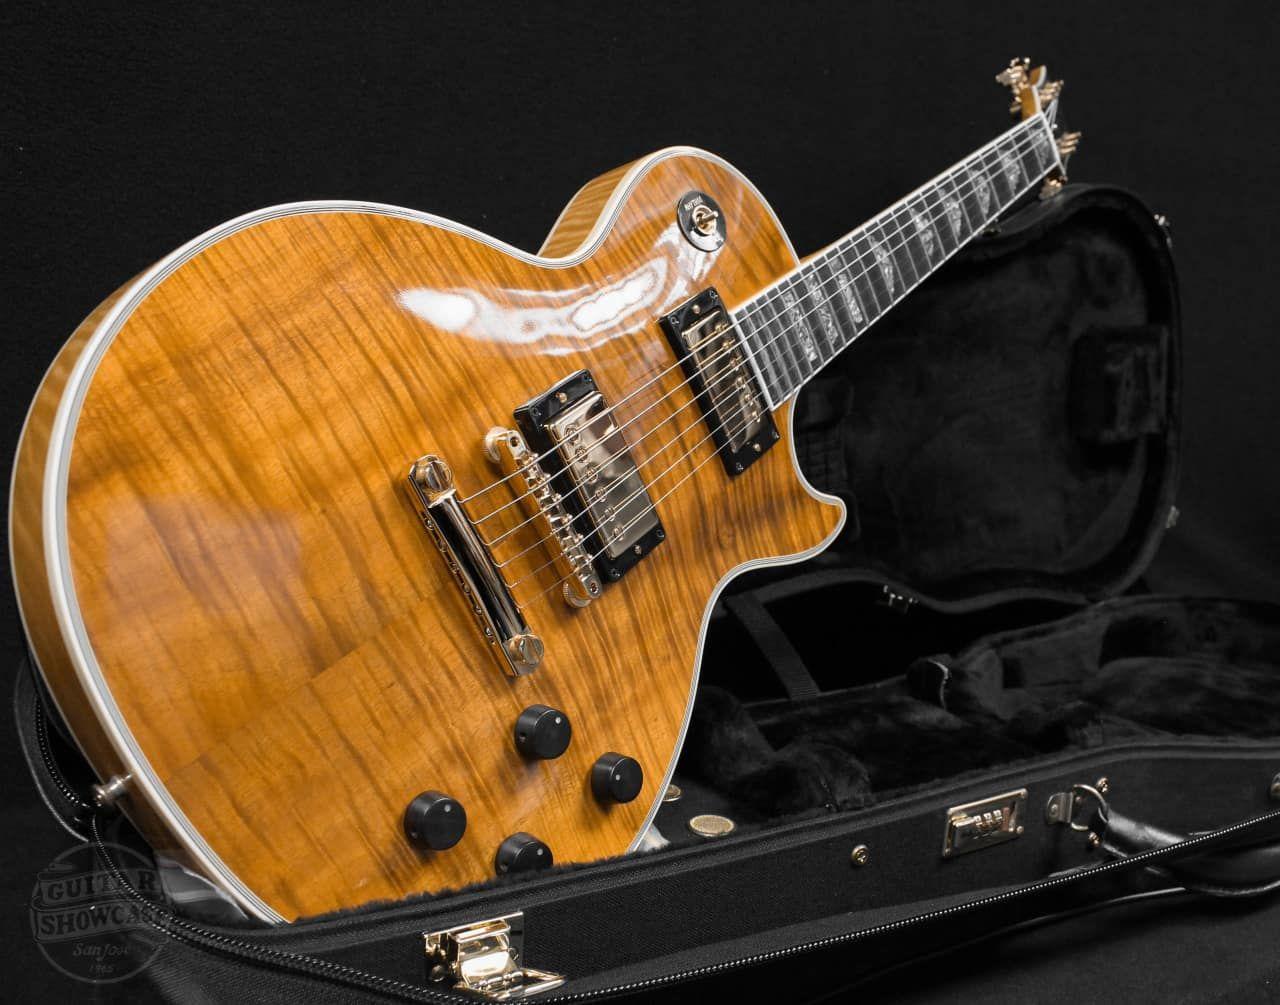 Gibson 50th Anniversary Les Paul Koa Maple Cloud Inlay Guitar Showcase Reverb Guitar Electric Guitar Gibson Guitars